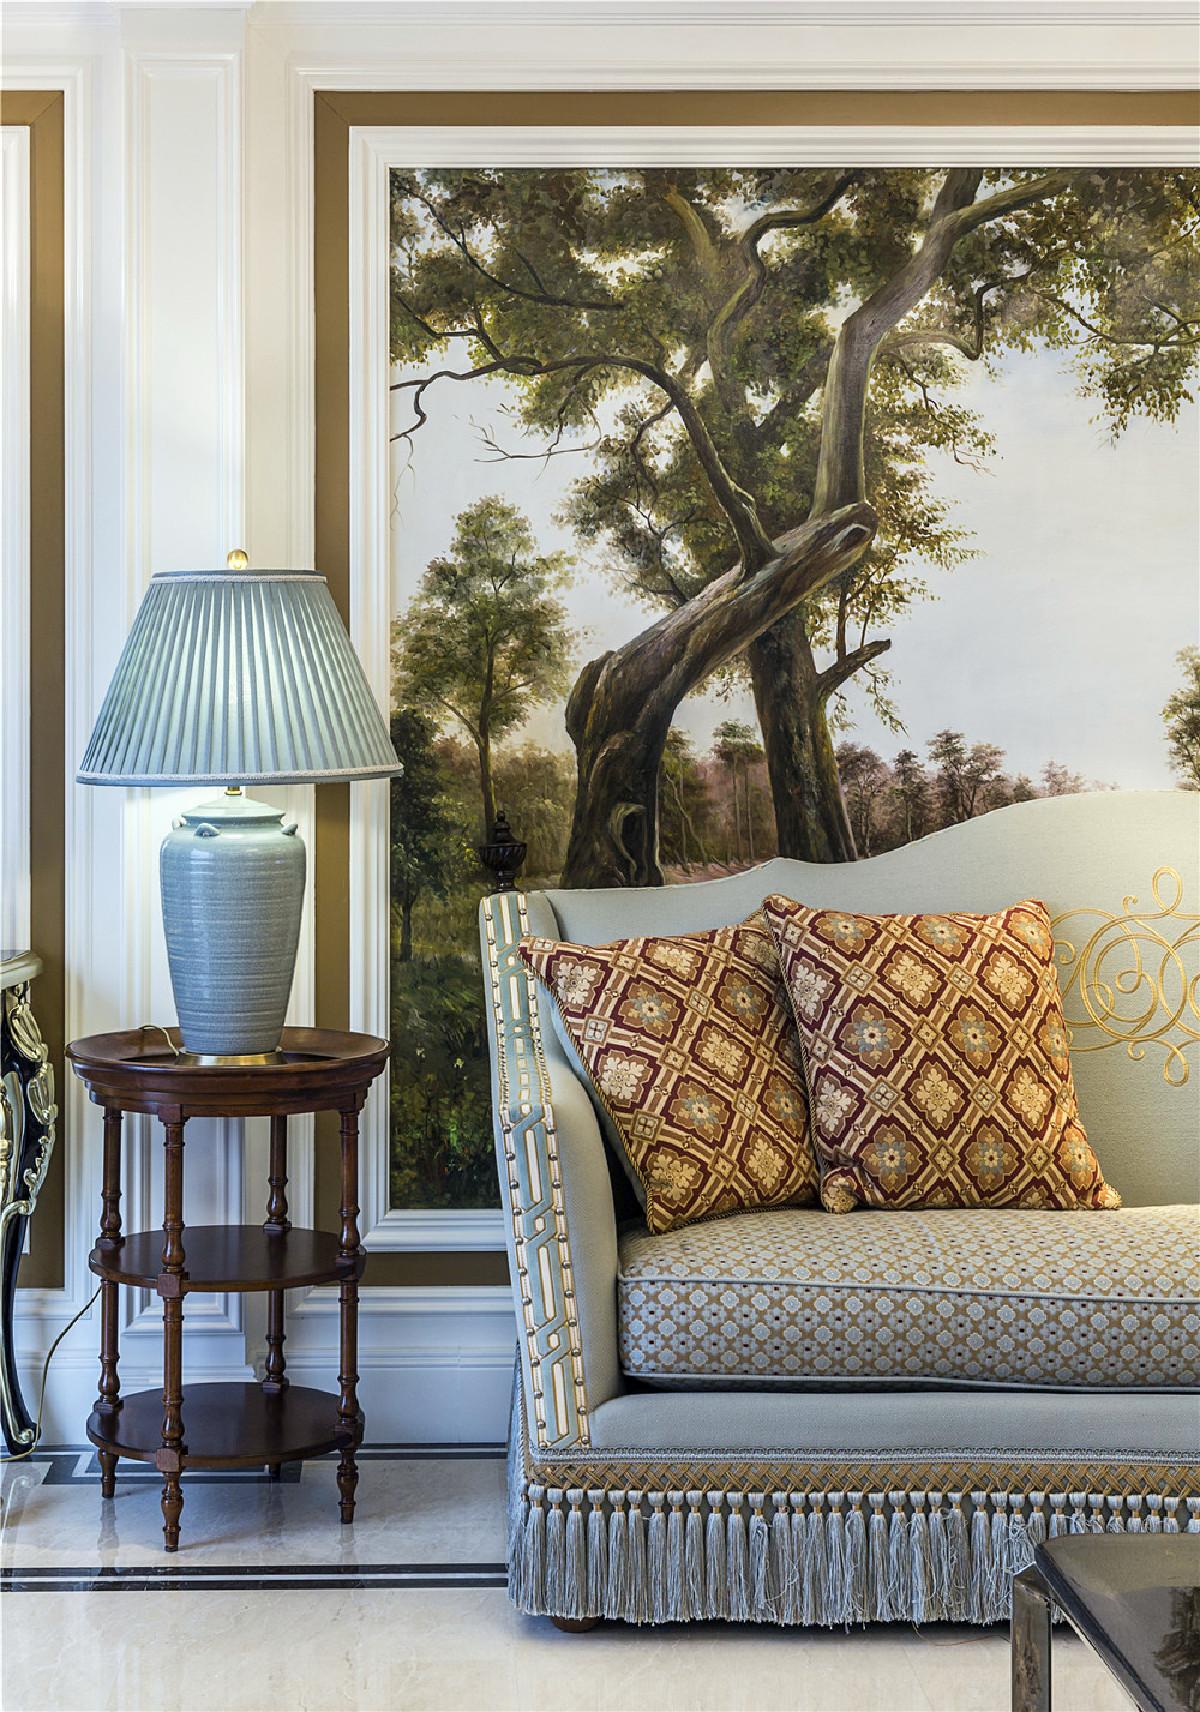 静安府邸大平层项目装修欧式古典风格设计,上海腾龙别墅设计作品,欢迎品鉴